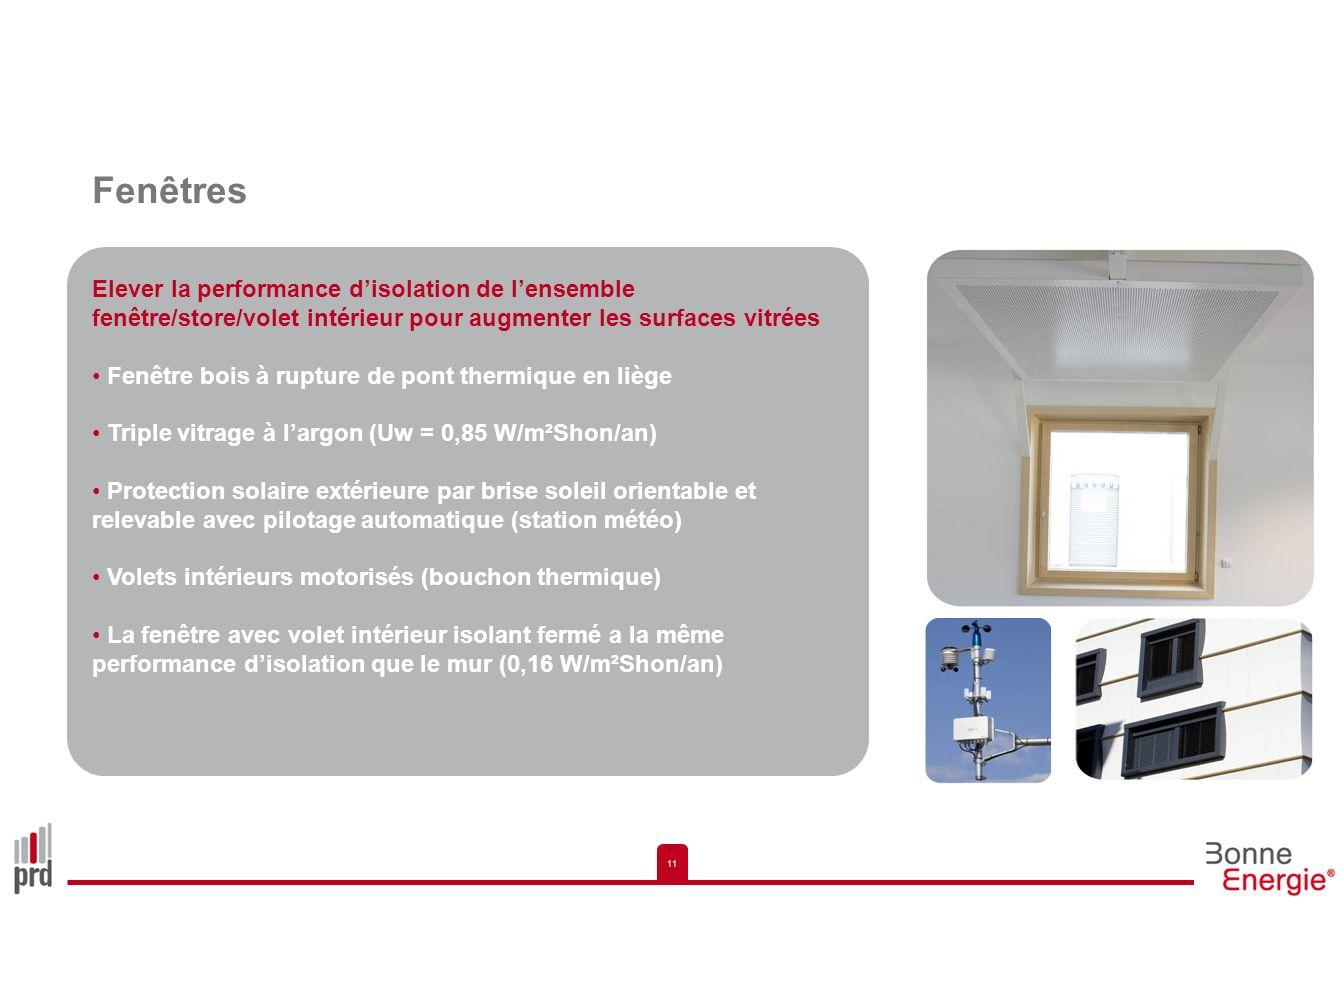 11 Fenêtres Elever la performance disolation de lensemble fenêtre/store/volet intérieur pour augmenter les surfaces vitrées Fenêtre bois à rupture de